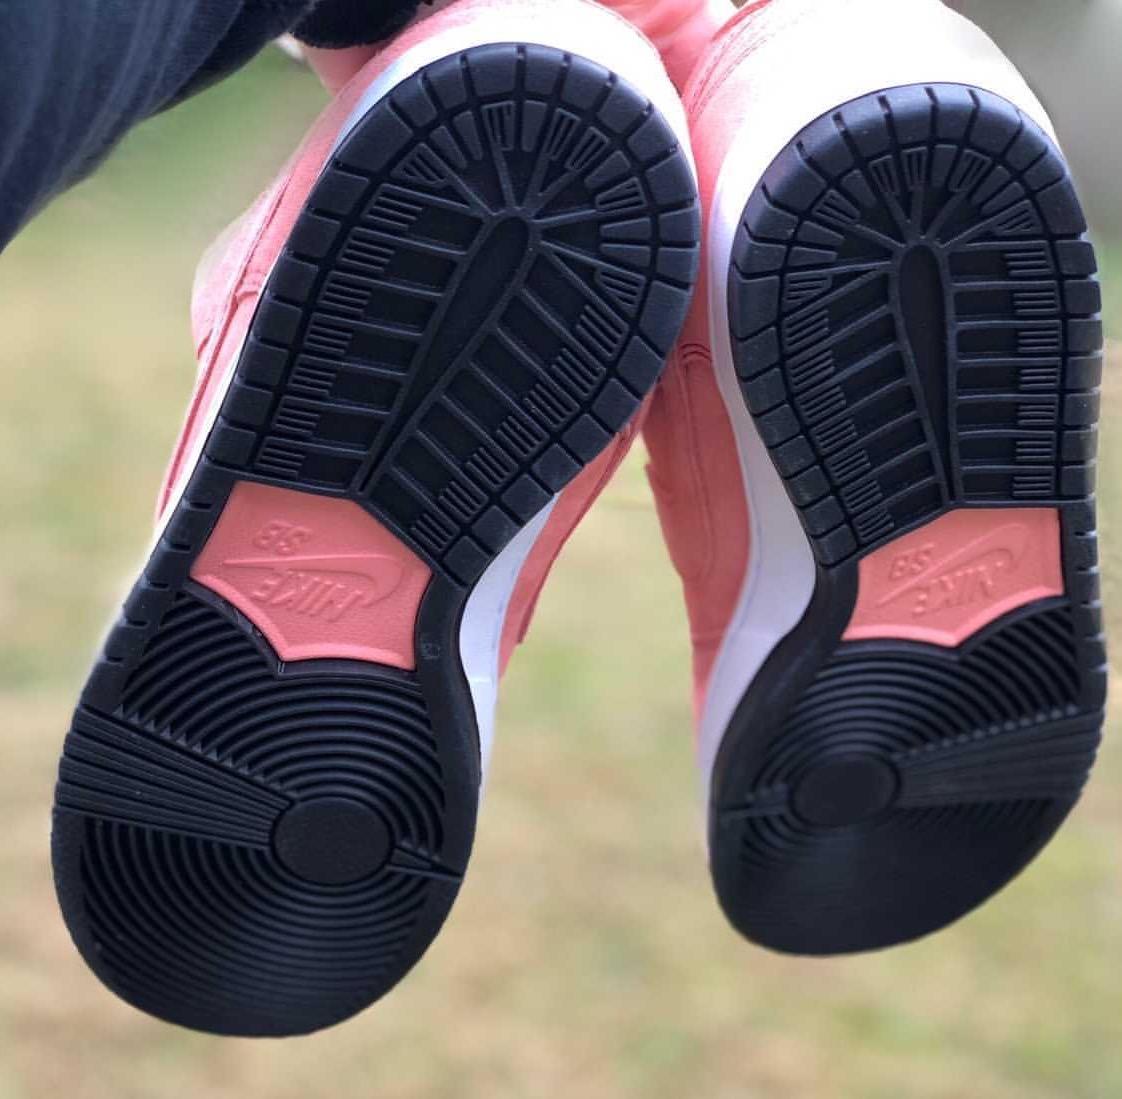 ナイキ SB ダンク ロー ピンク ピッグ nike-sb-dunk-low-pink-pig-first-closer-look-porsche-917-20-detail